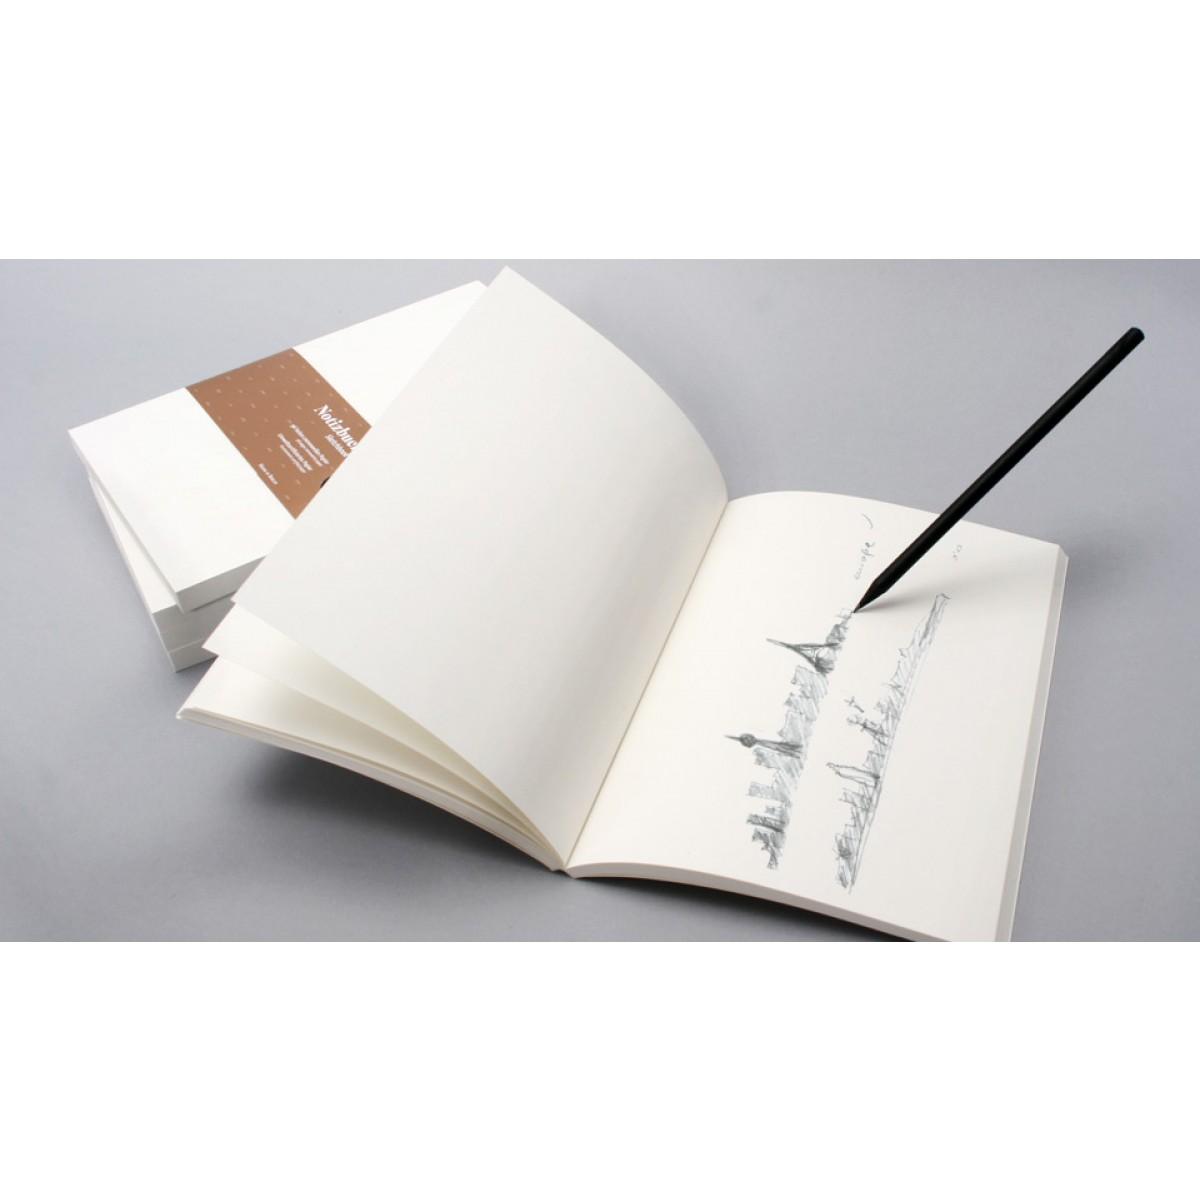 tyyp Notizbuch i - Taplet